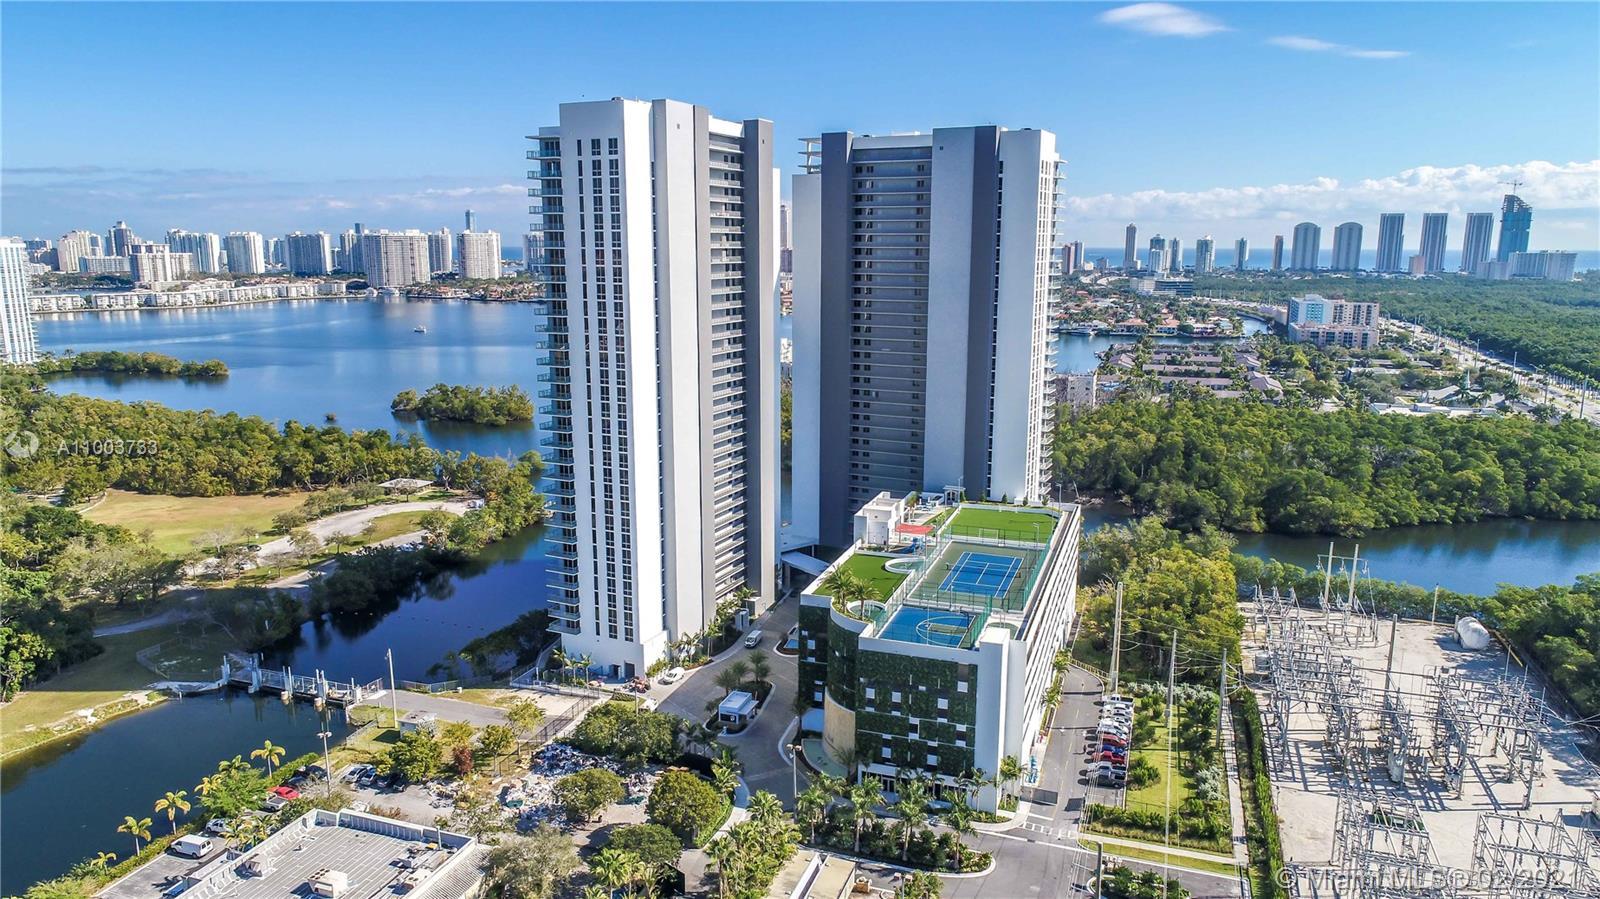 The Harbour #1218 - 16385 Biscayne Blvd #1218, North Miami Beach, FL 33160